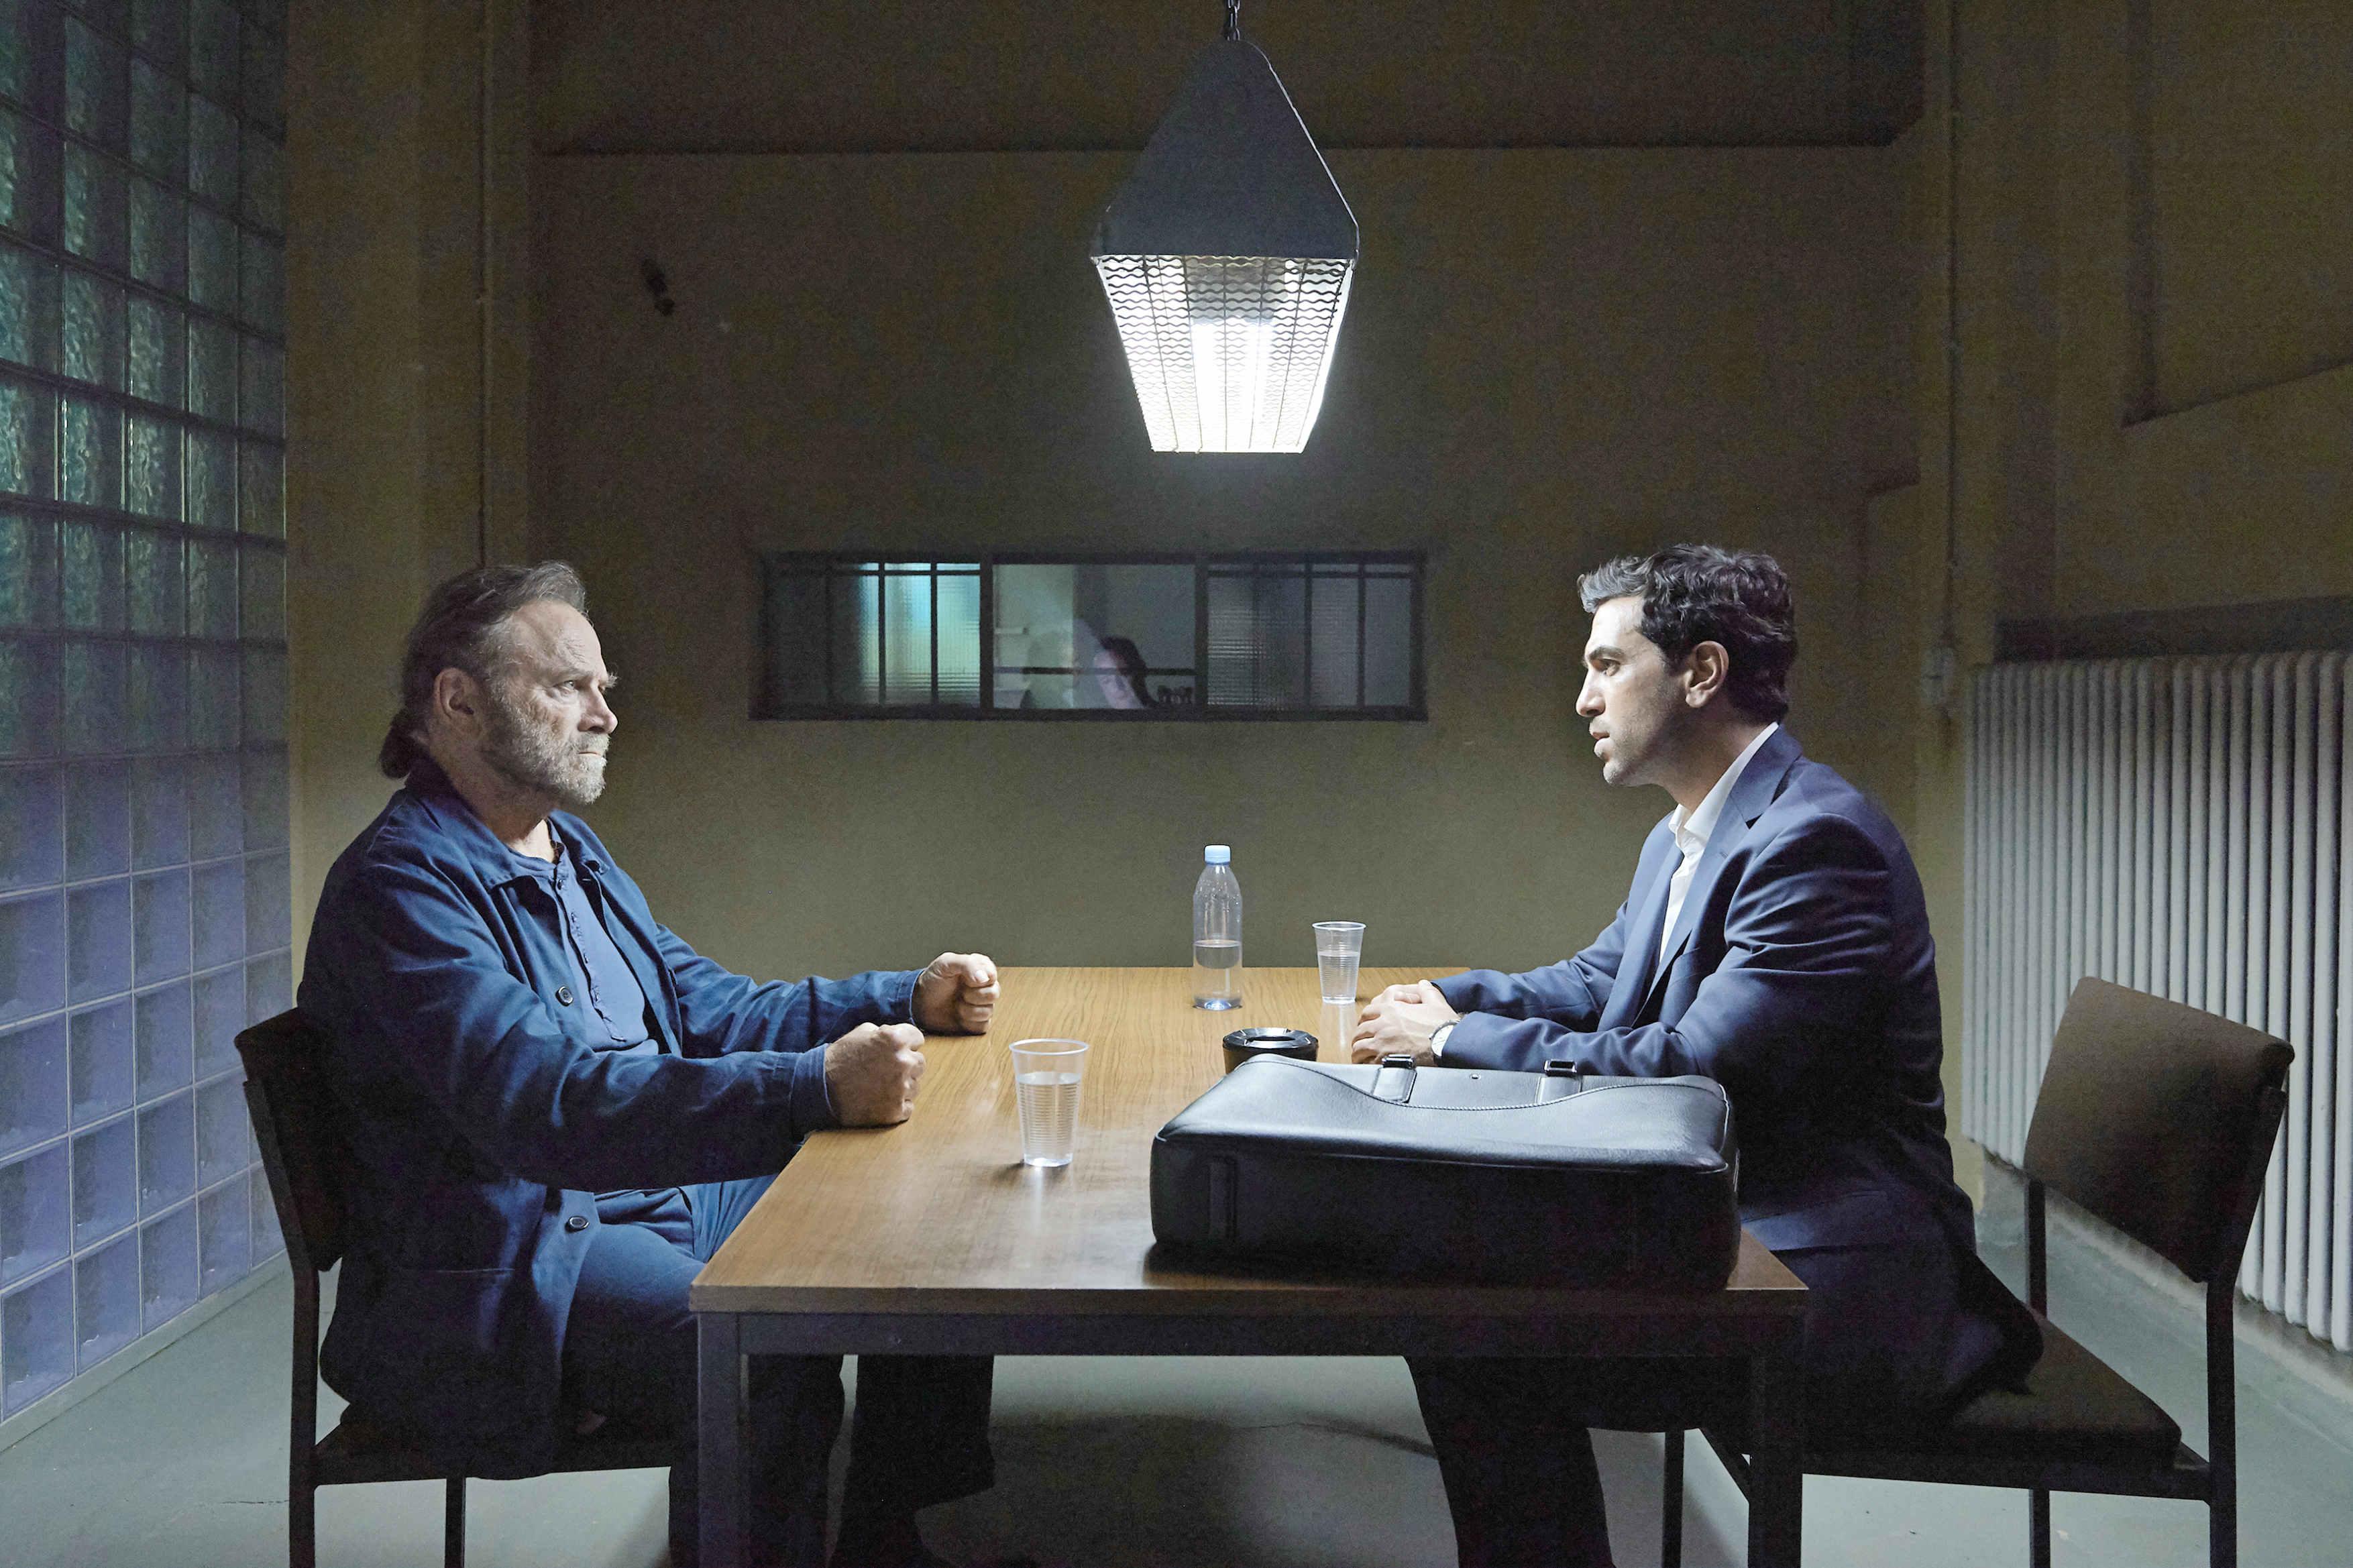 法蘭柯尼洛《罪人的控訴》冷酷、脆弱又堅毅的演出,連飾演他辯護律師的德國票房巨星埃利亞斯穆巴里克(Elyas M'Barek, 右)都佩服得五體投地。